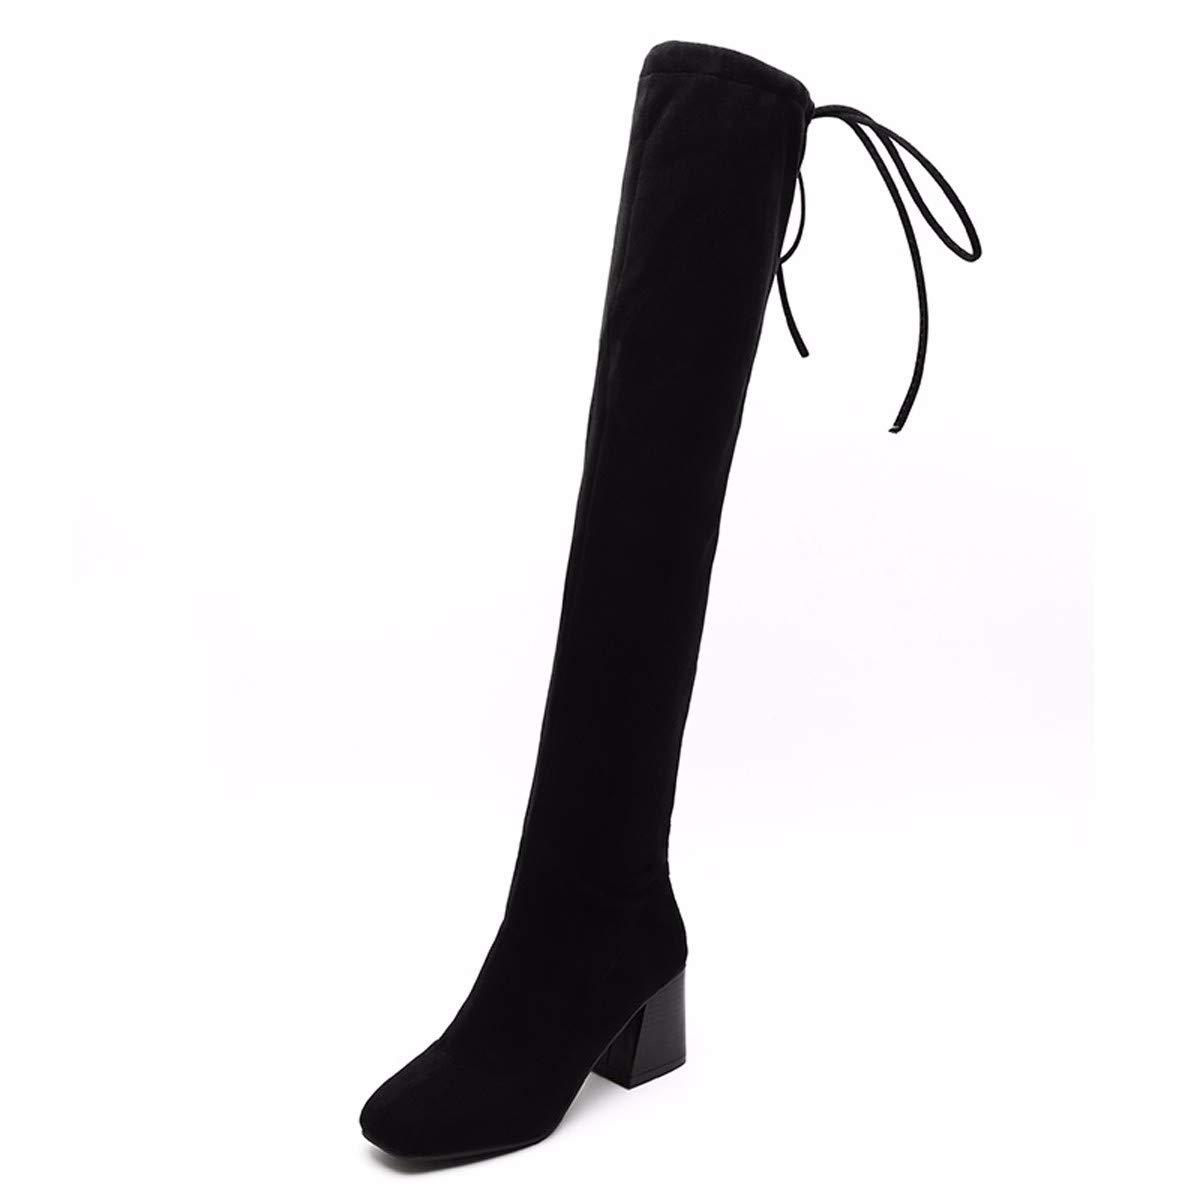 LBTSQ Chaussures Femme/Bottes À Élastique avec des Taux De 6 Cm Longueur Genou - Bottes Cravate Tête Au Carré Épaisses Bottes Talon Mince.